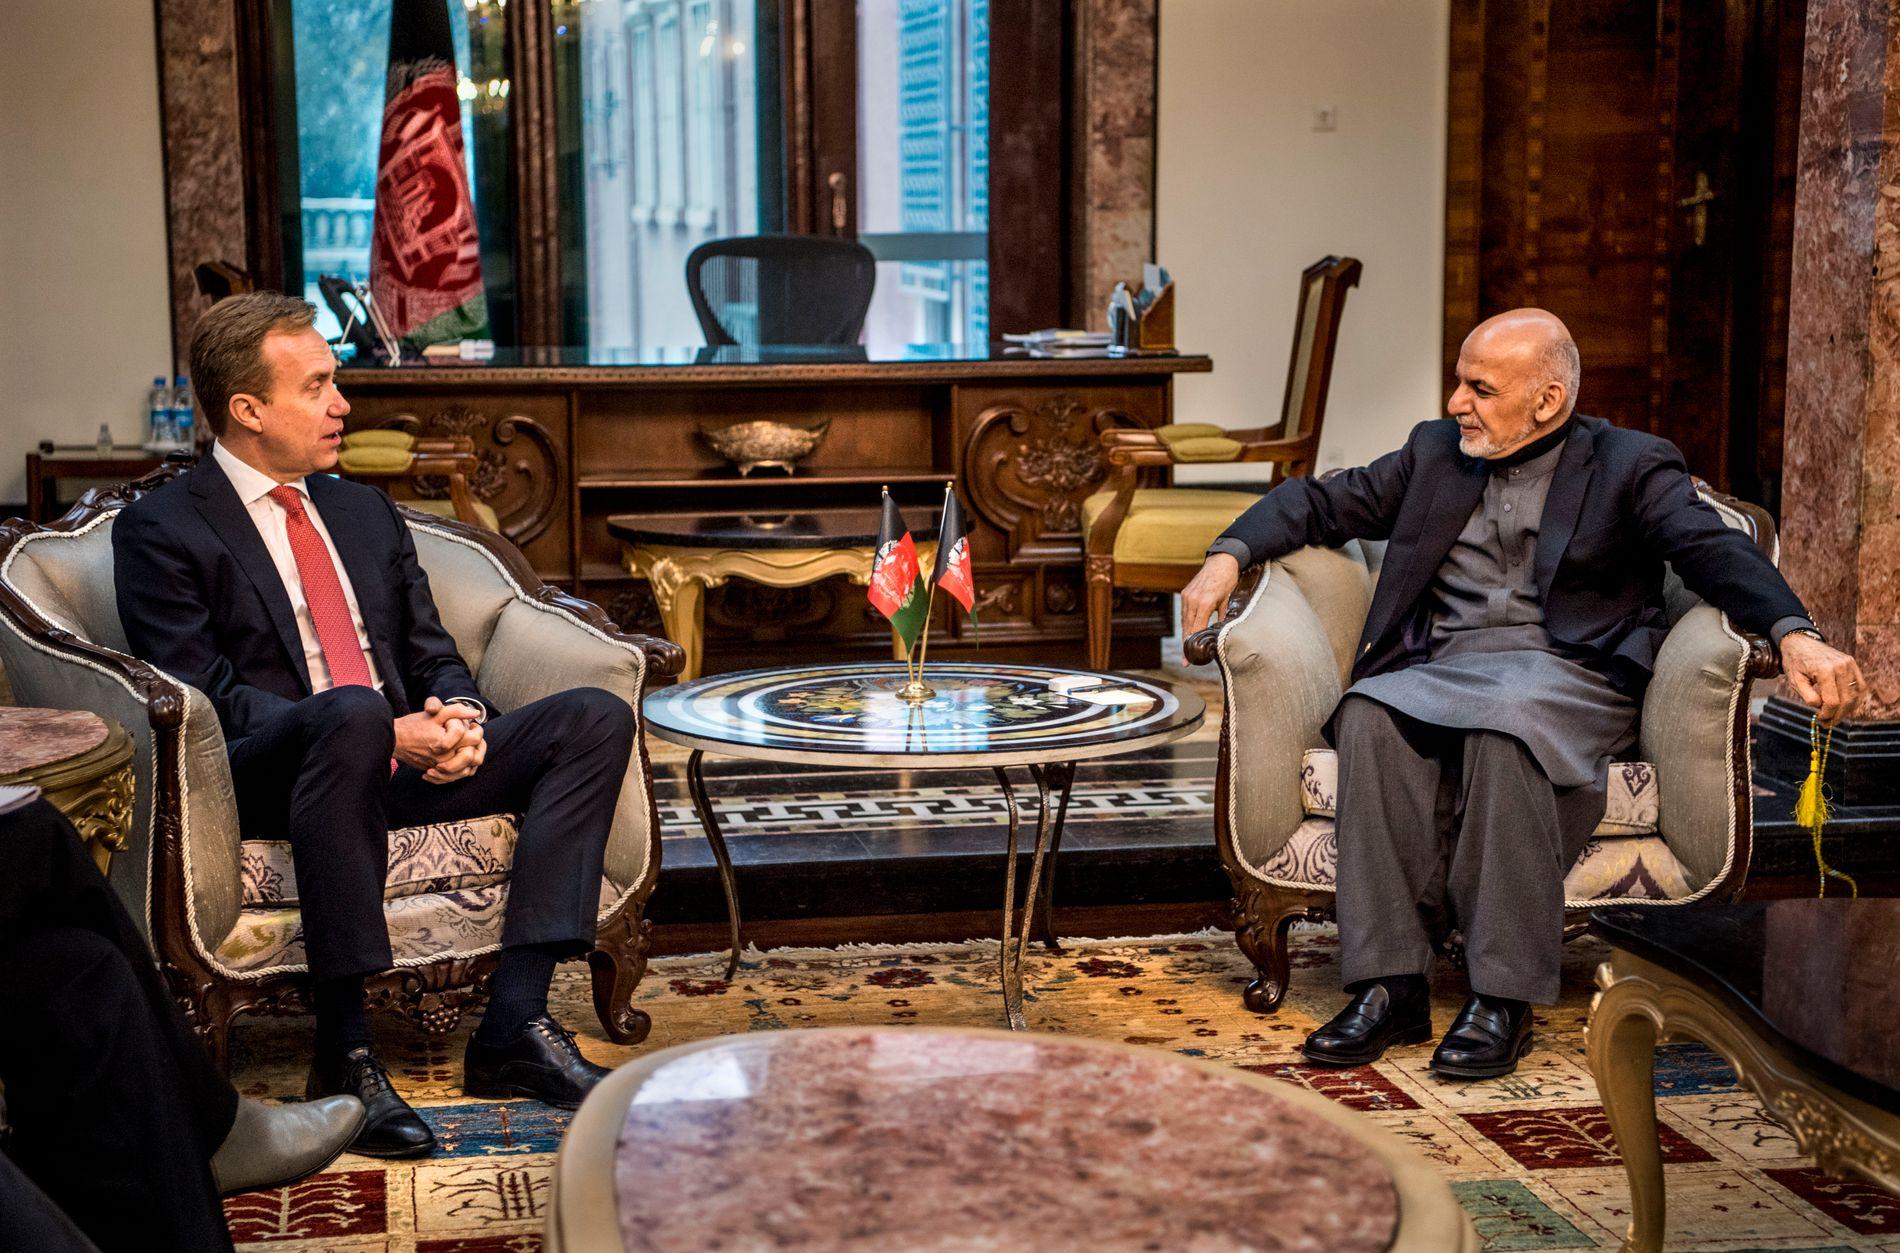 VIL HA VALG: Afghanistans president Ashraf Ghani vil avholde presidentvalg før en eventuell fredsavtale med Taliban. Her er han en samtale med tidligere utenriksminister Børge Brende.